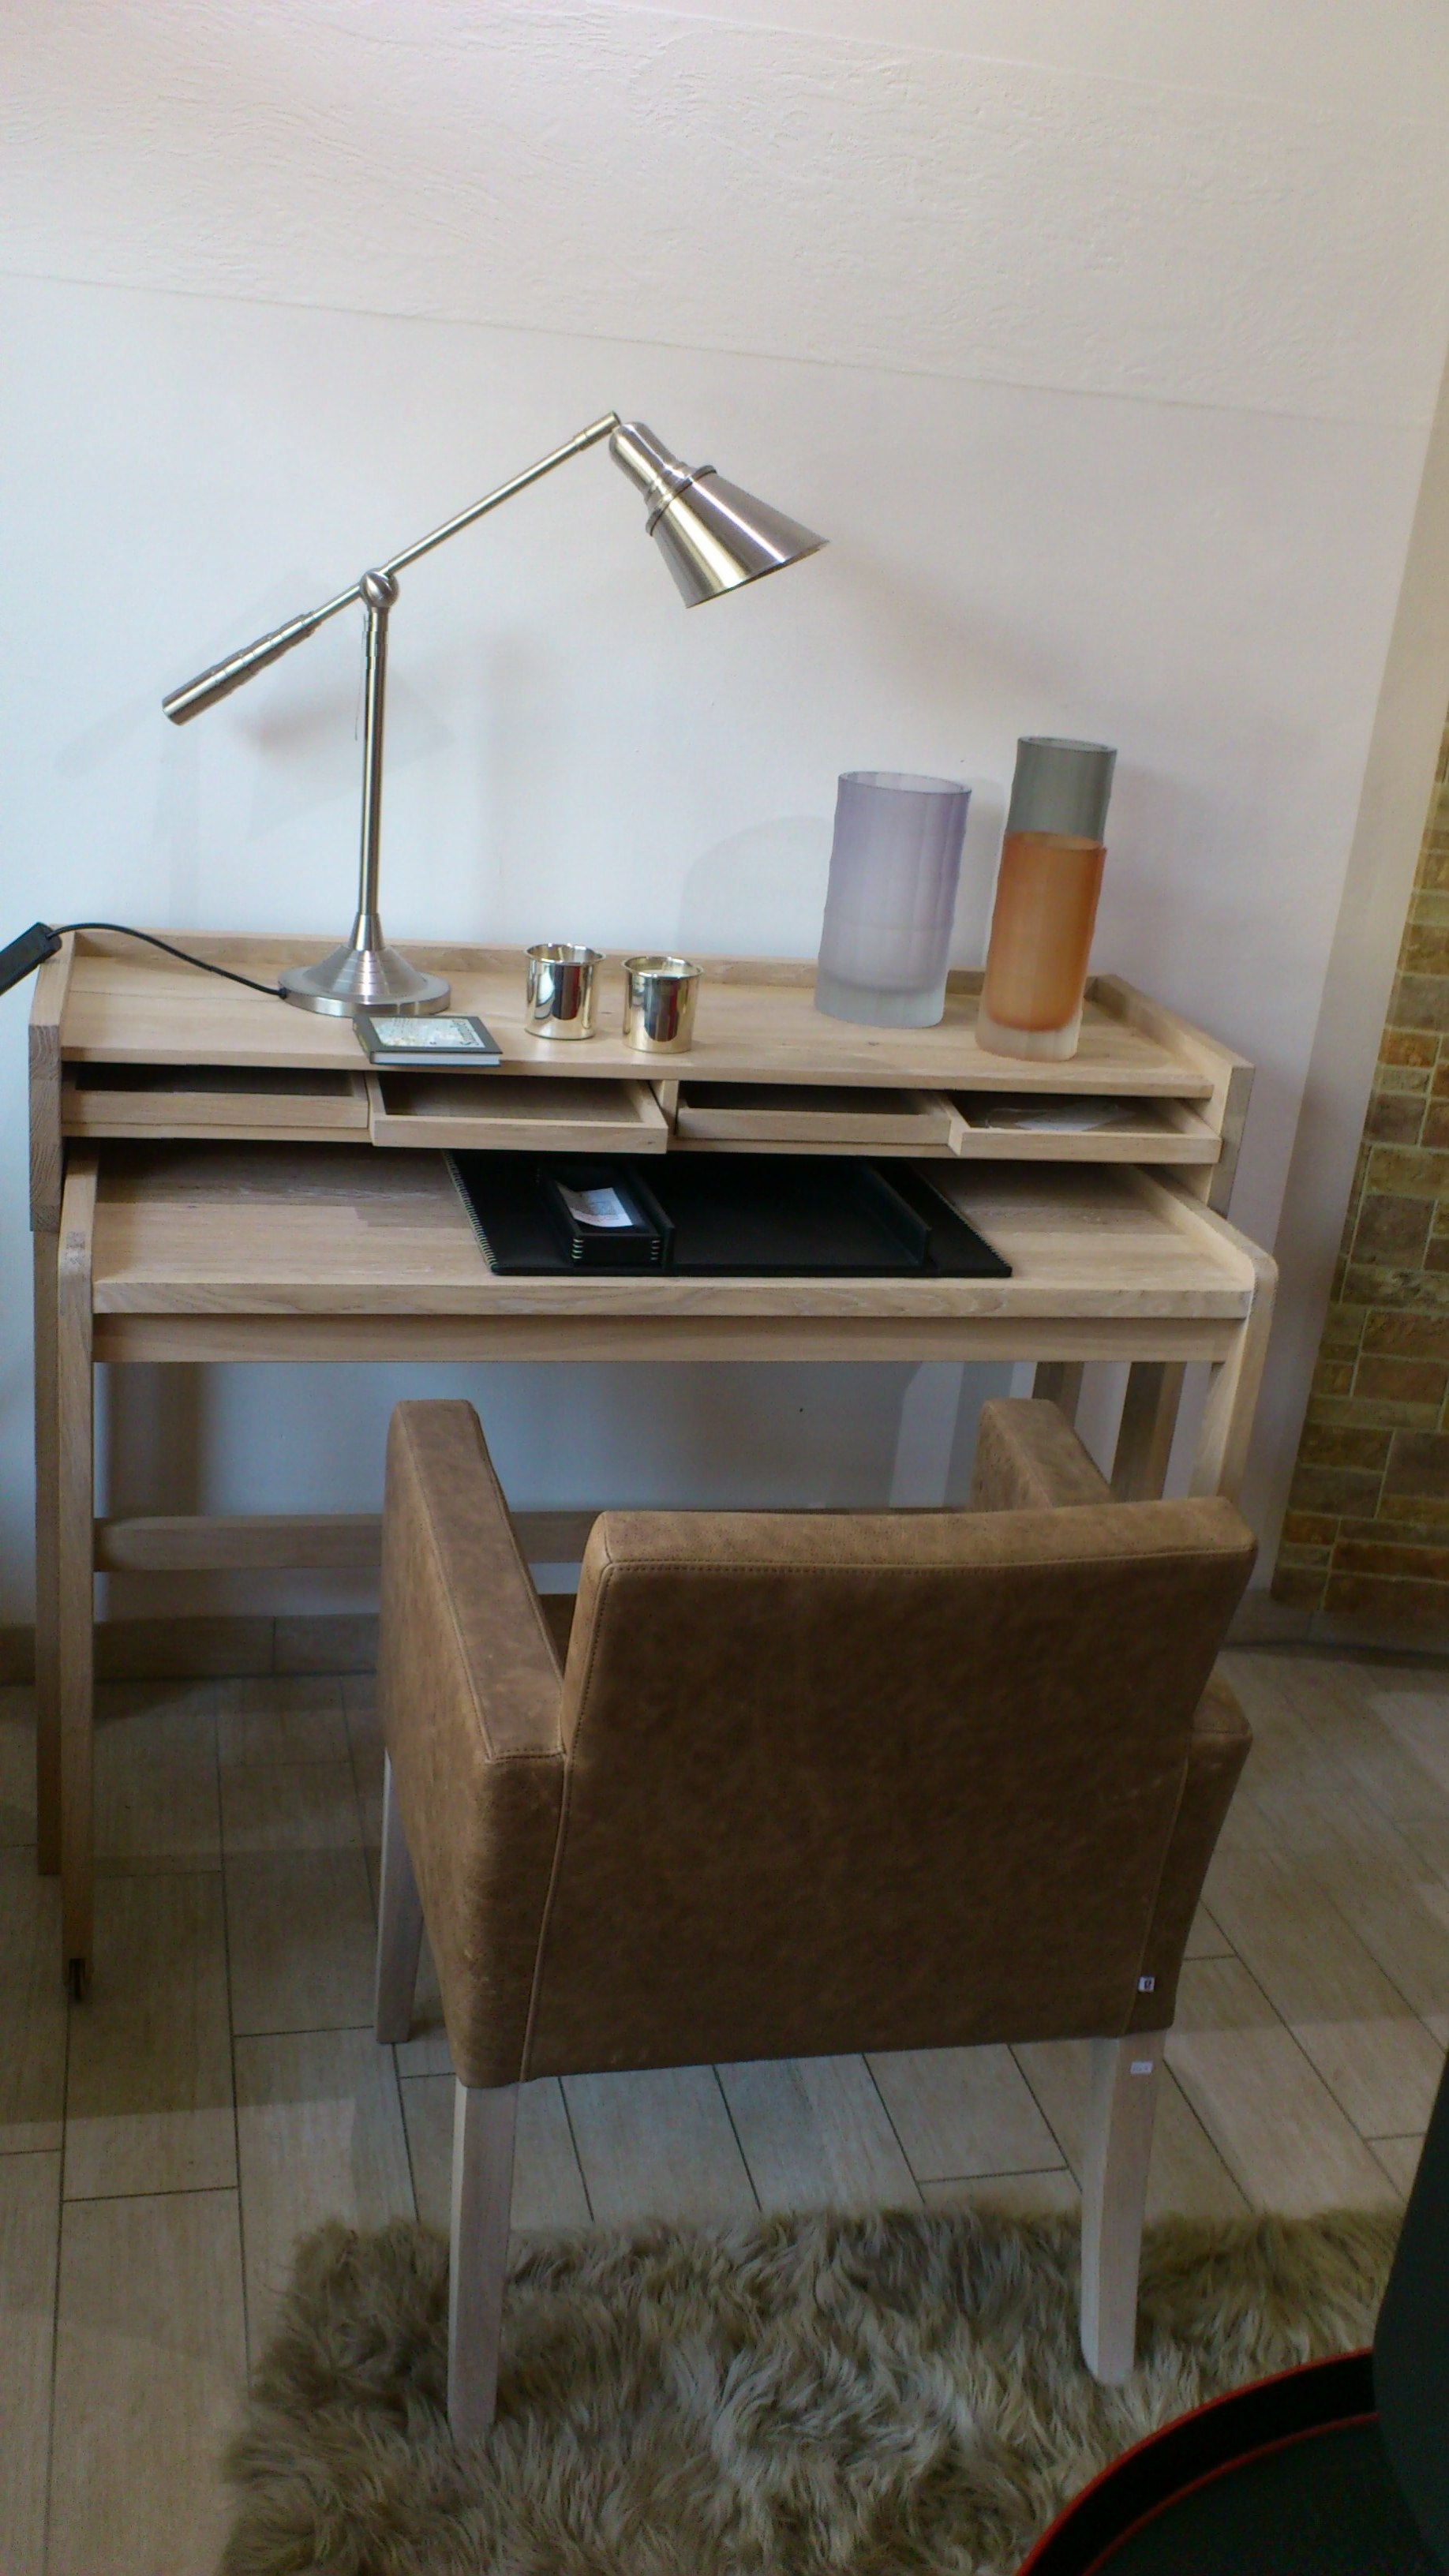 schreibplatz von lambert wohnbar bad salzungen m bel accessoires u v m. Black Bedroom Furniture Sets. Home Design Ideas